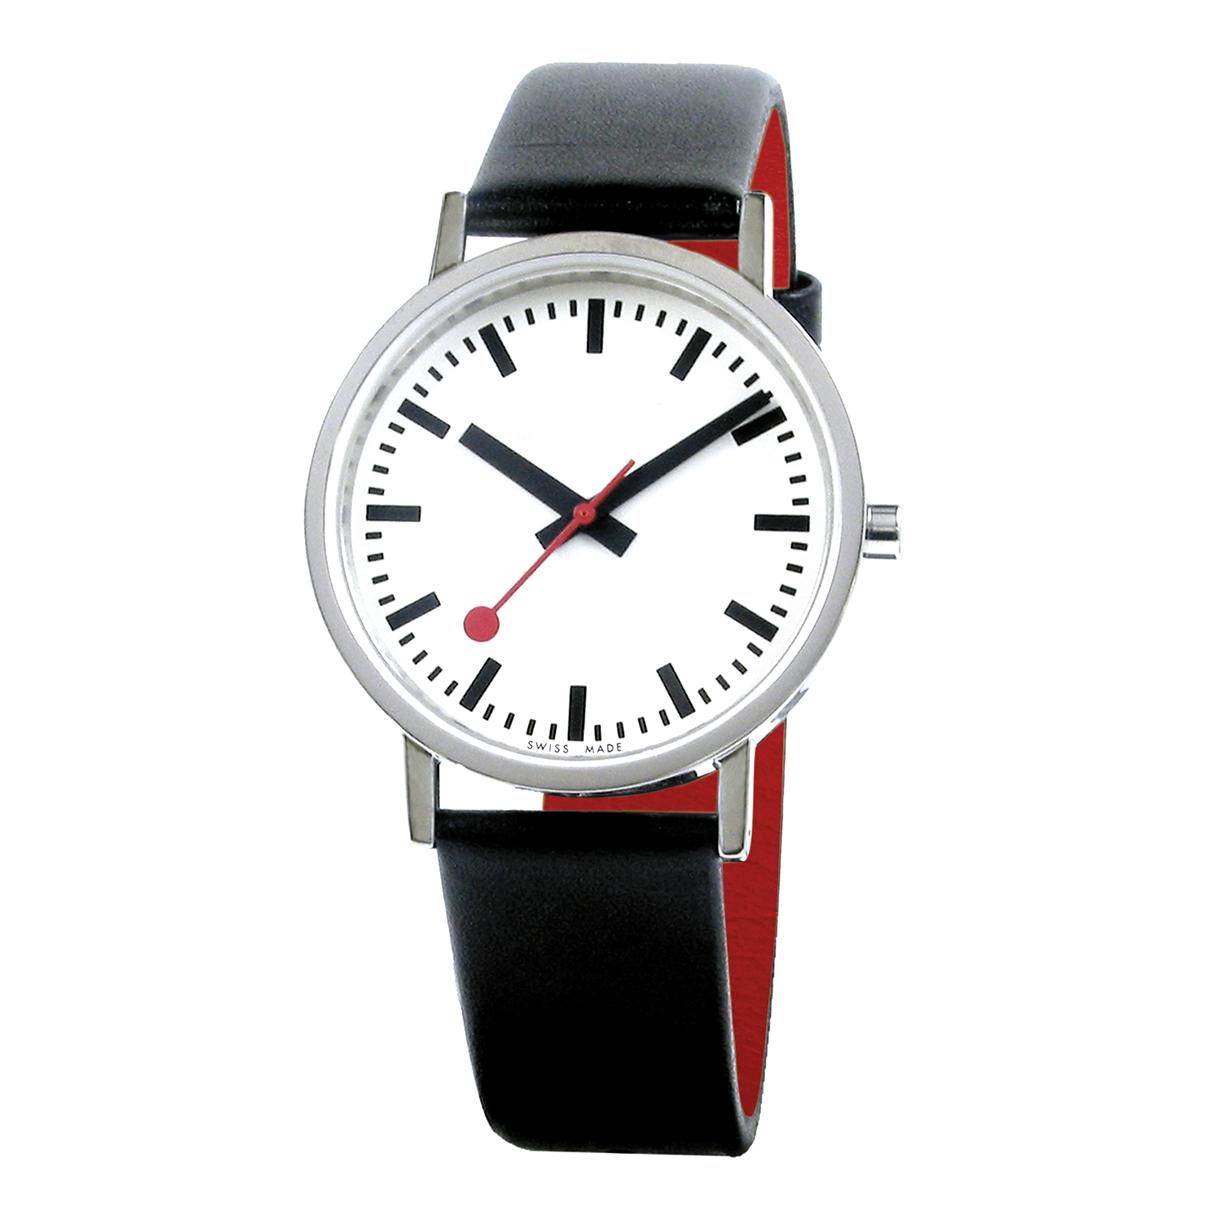 Mondaine classic pure - Mondaine travel clock ...